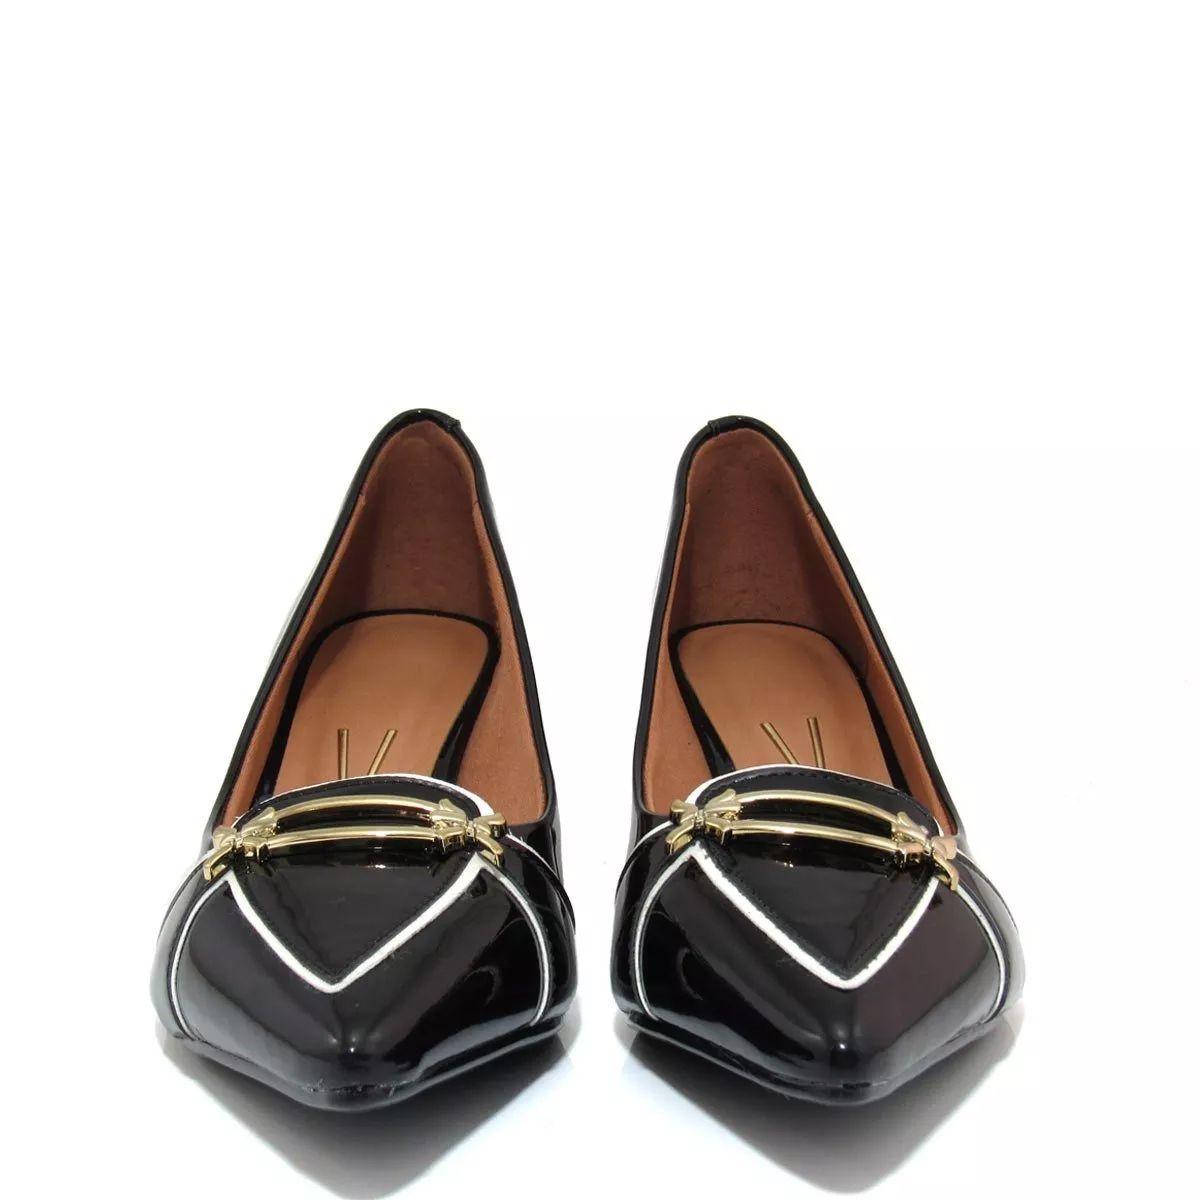 Sapato Feminino Vizzano 1122.648 Scarpin